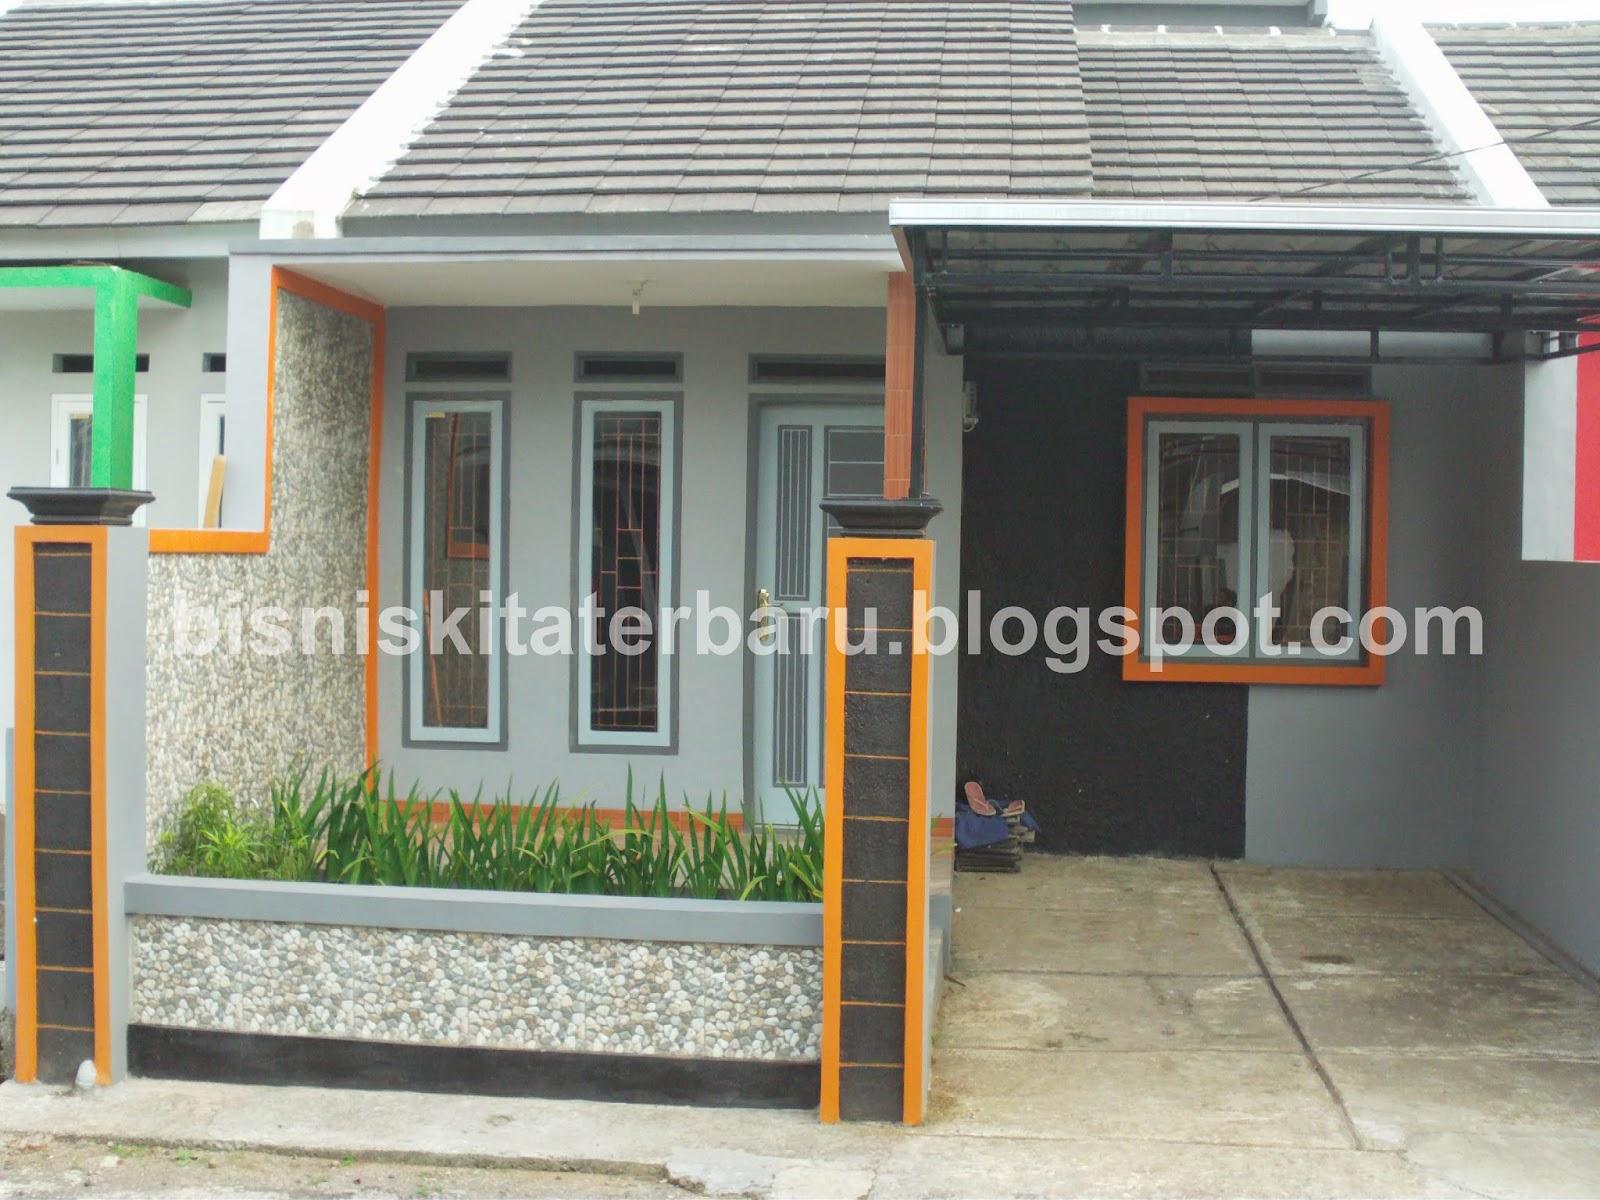 Informasi Unit Rumah Yang Dijual di Tasikmalaya